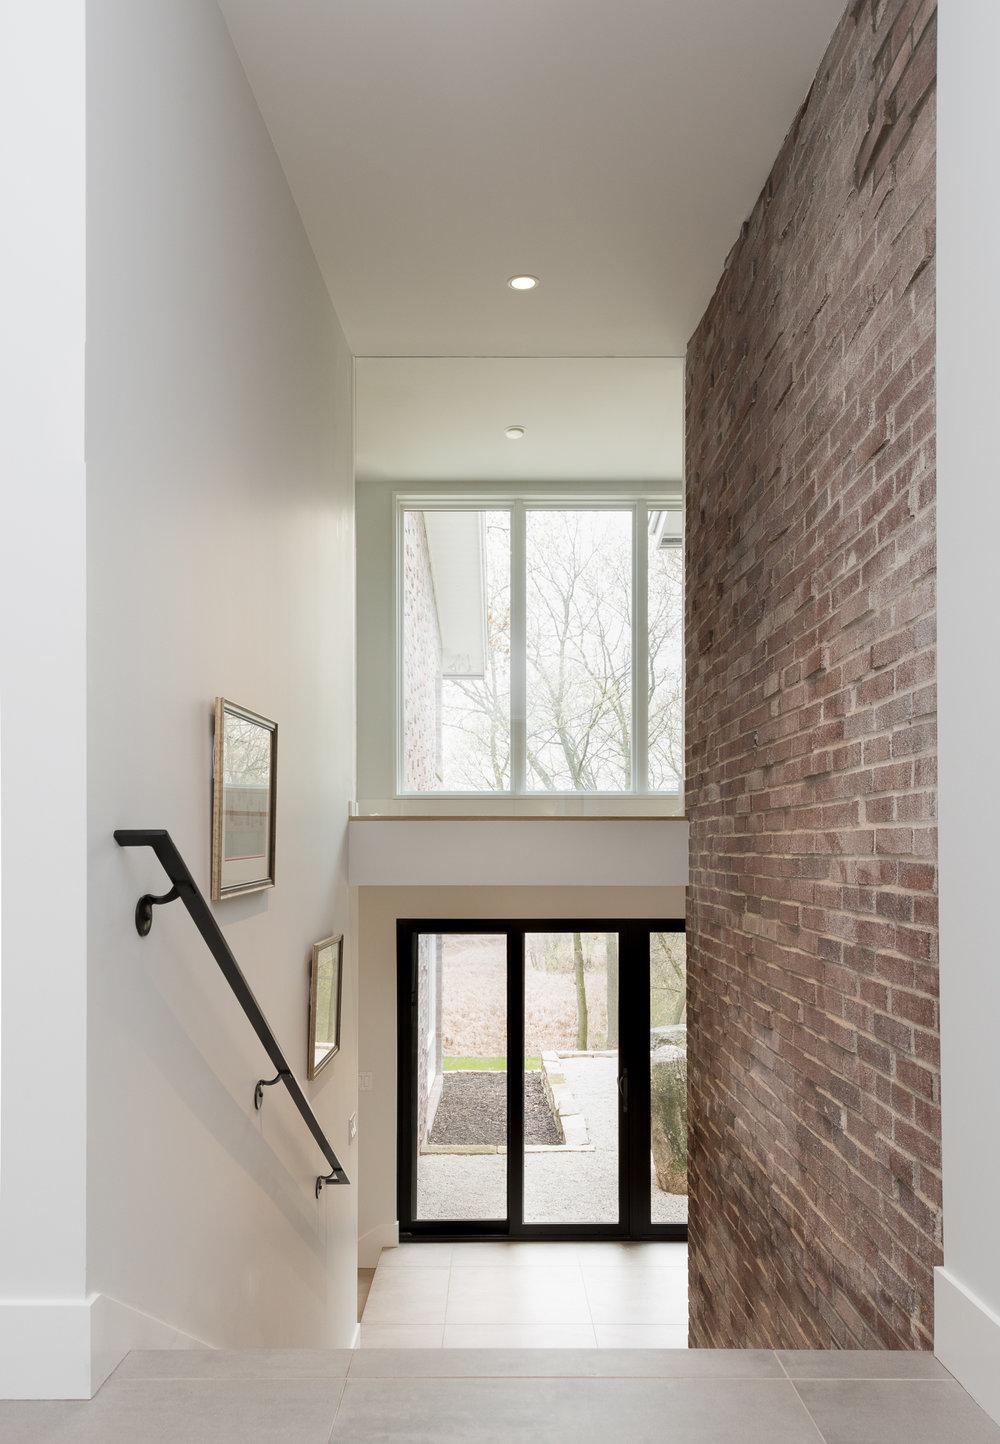 Interior brick staircase wall